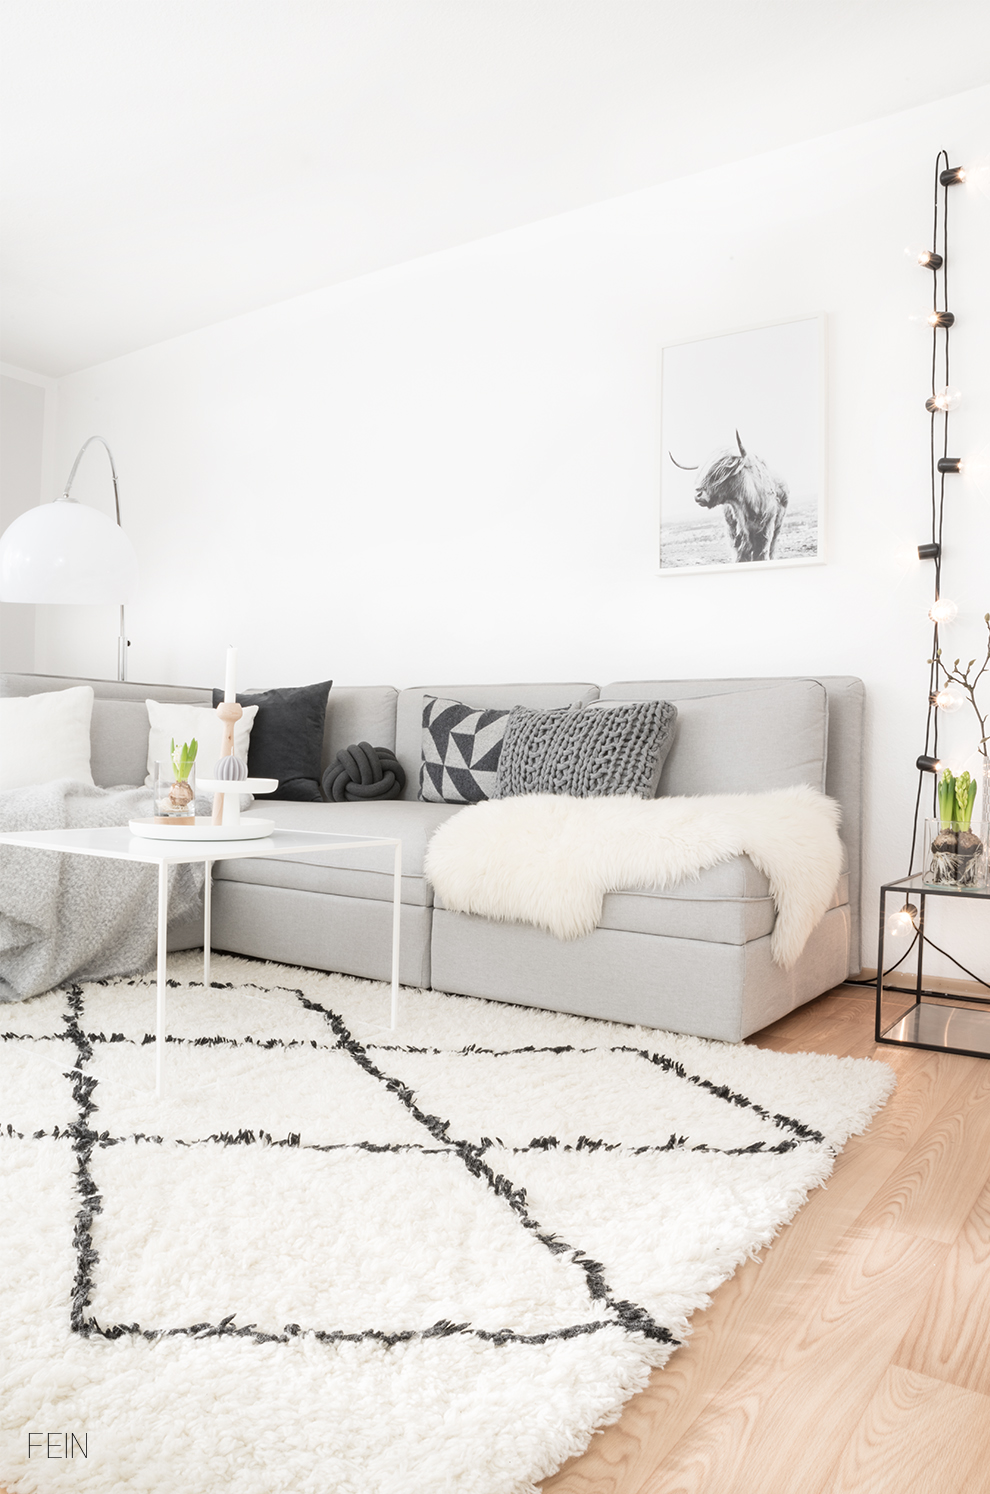 Wohnzimmer Skandinavisch Wohnen - Fein und Fabelhaft